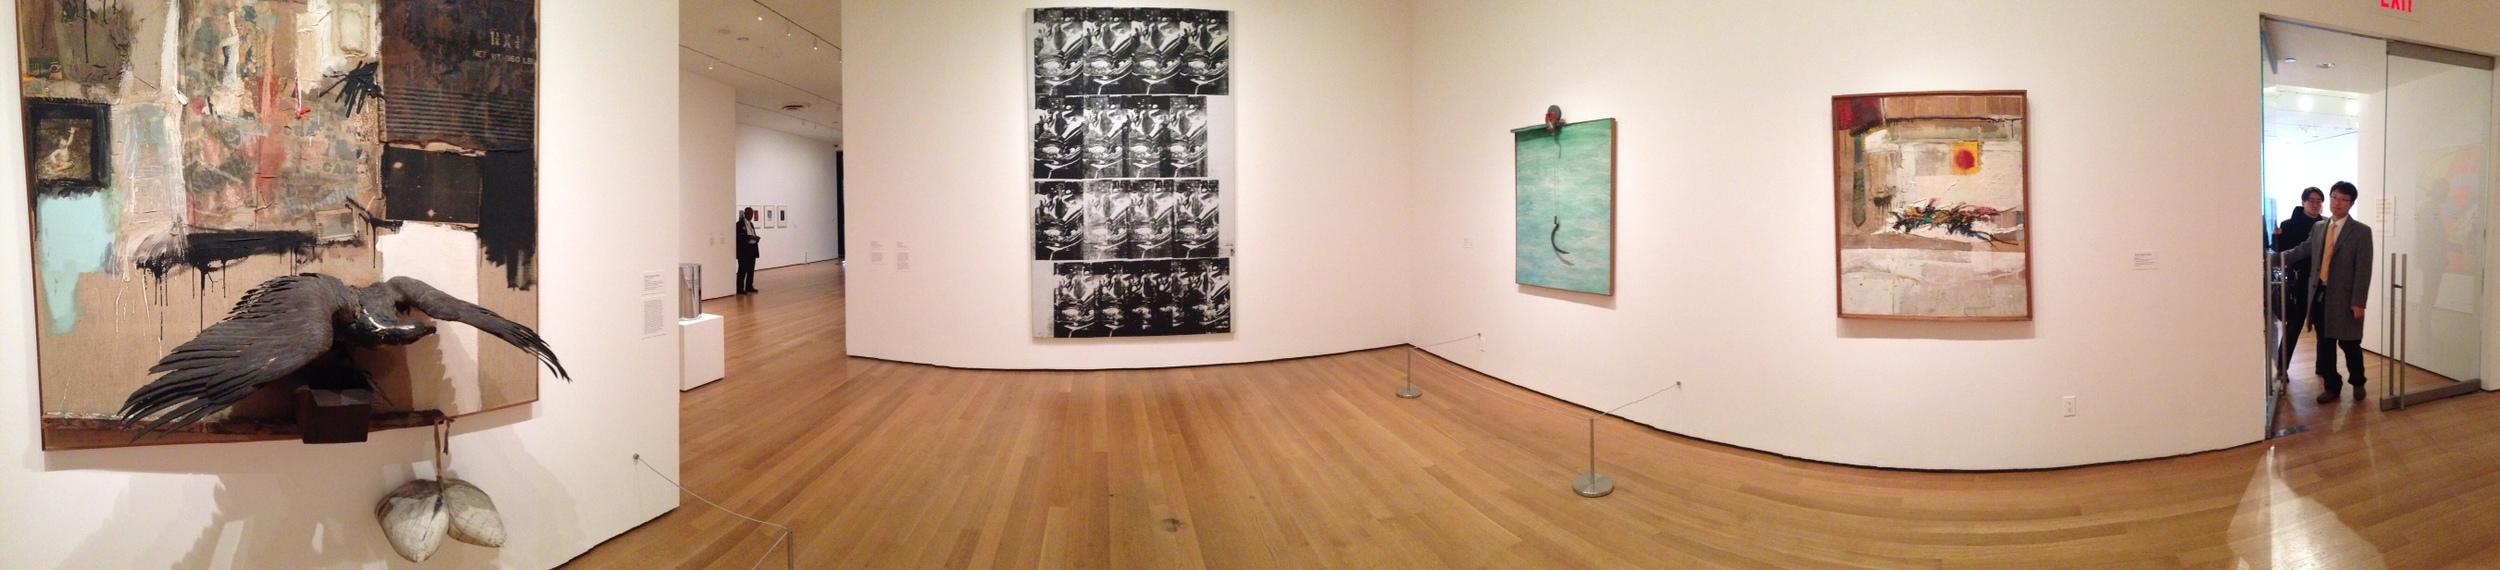 Exhibition Image, Ileana Sonnabend: Ambassador for the New,  MoMA, New York Photo Credit: Cincala ArtAdvisory